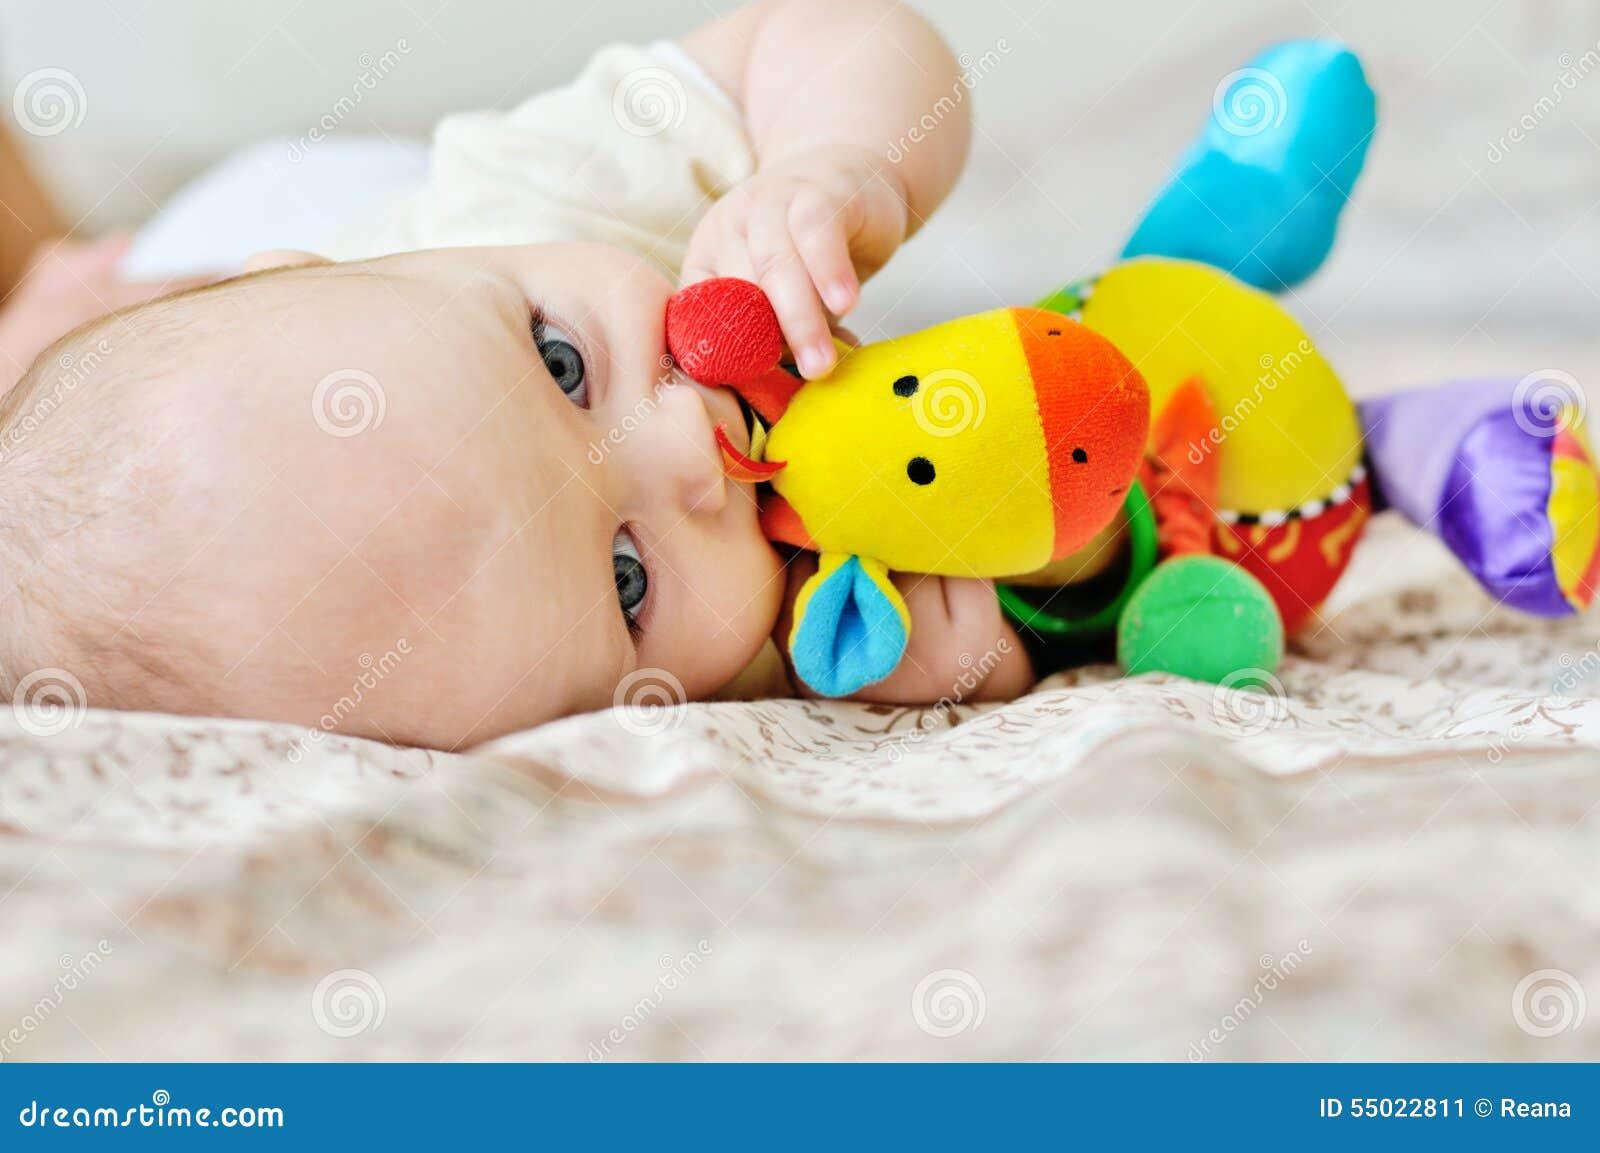 Sweet blue-eyed baby